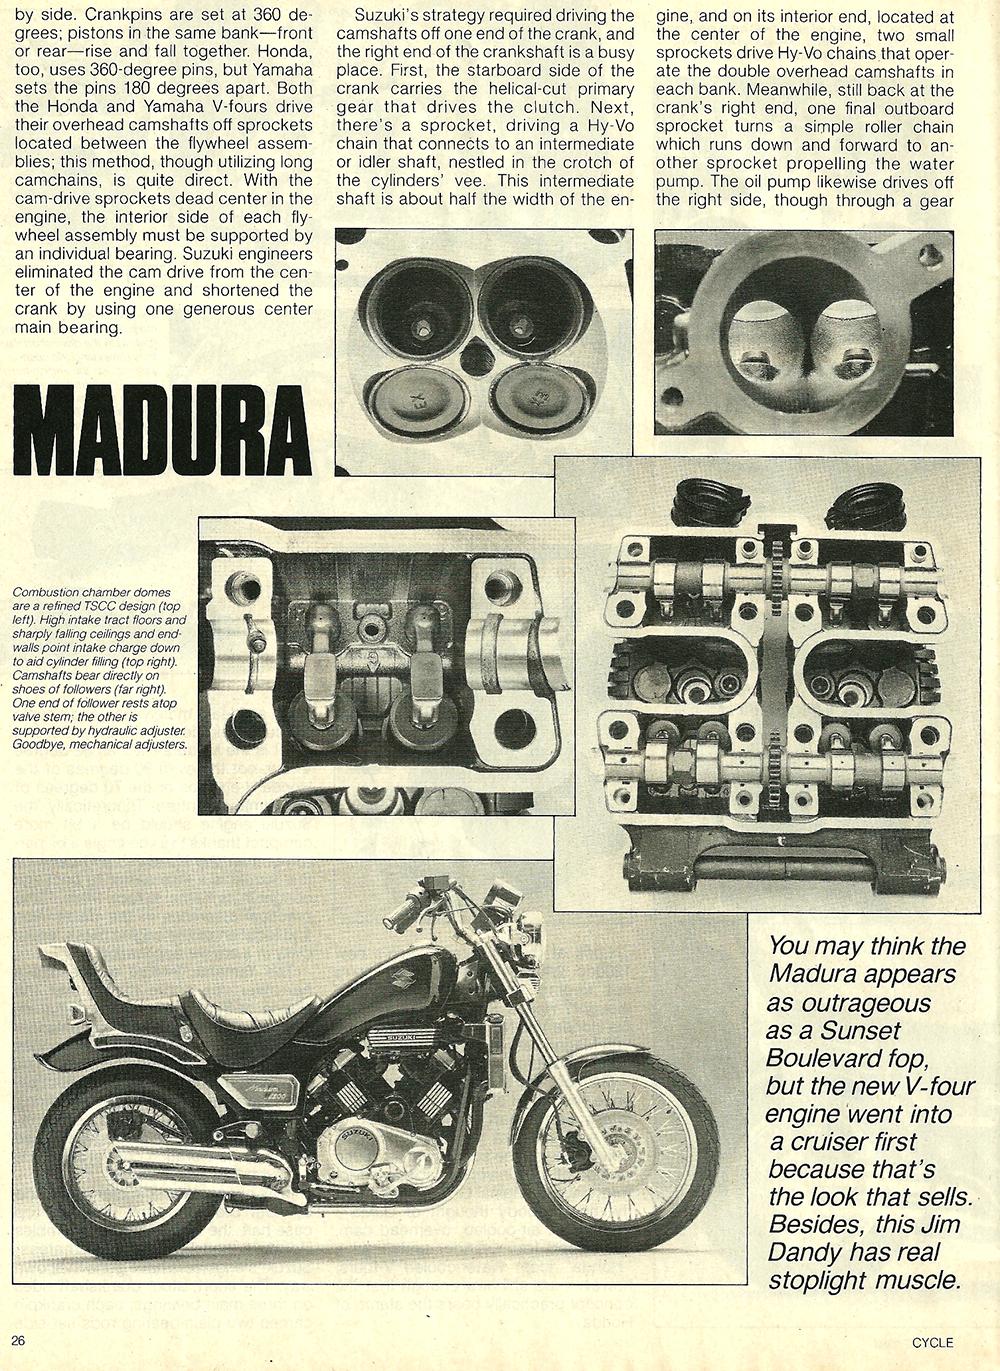 1984 Suzuki Madura 1200 road test 3.jpg